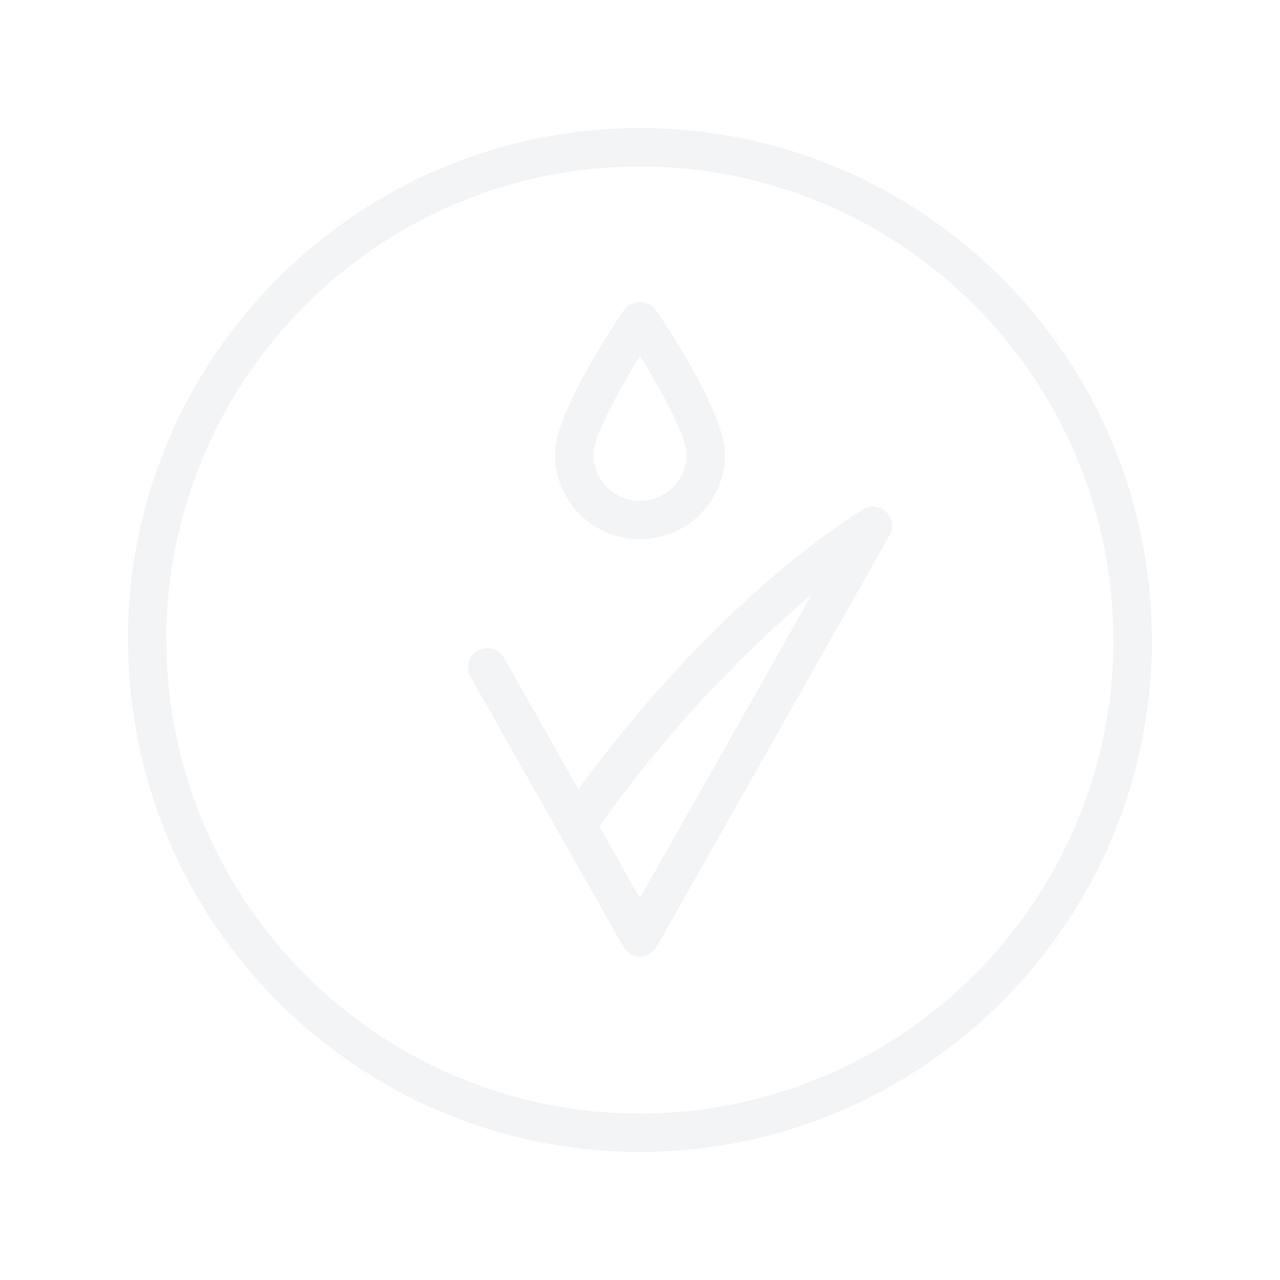 LACOSTE Eau De Lacoste L.12.12 Blanc 100ml Eau De Toilette komplekt